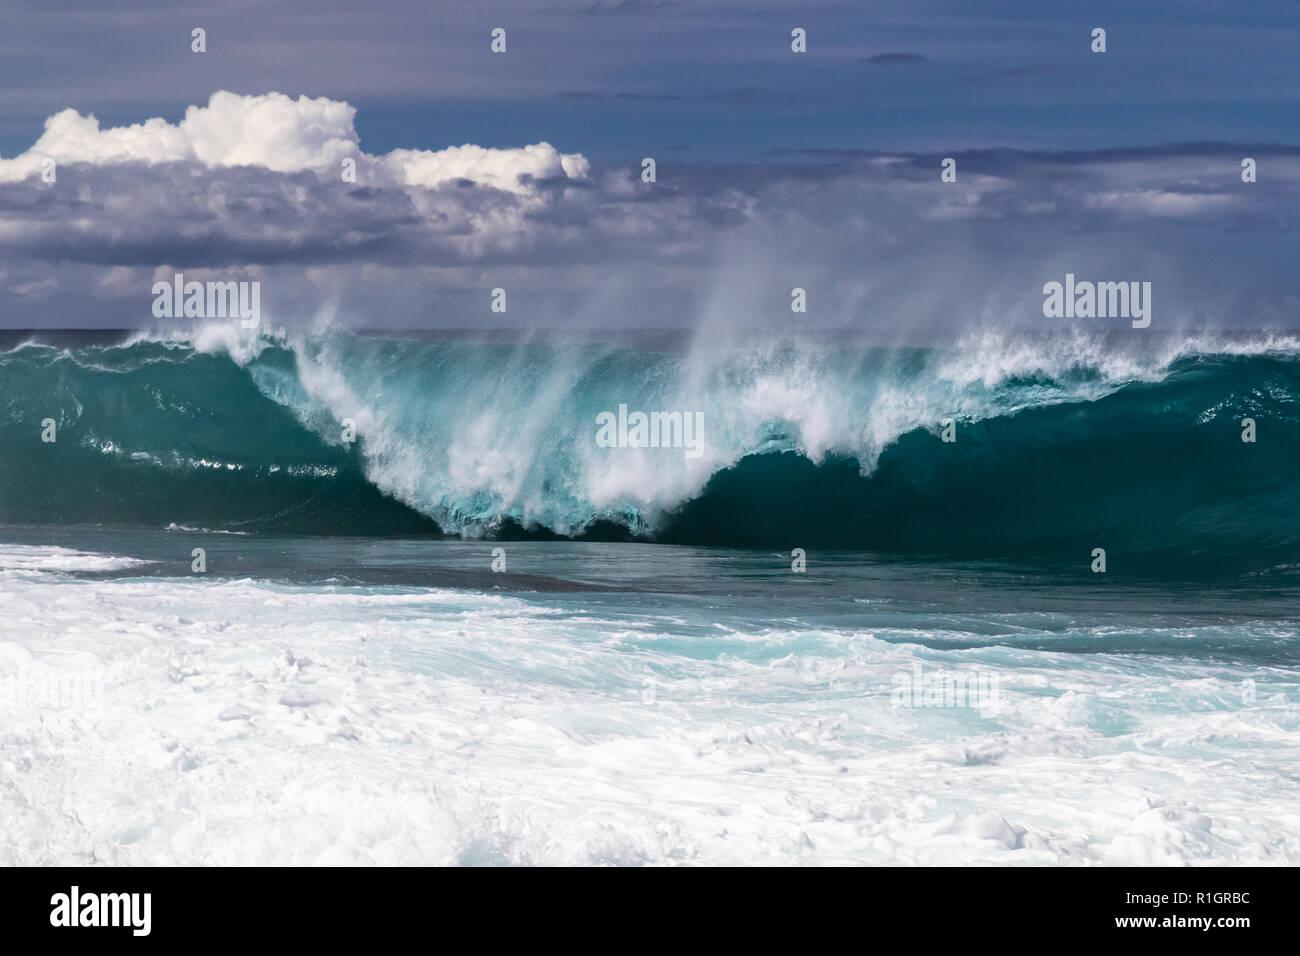 Ola enrollan en playa hawaiana, a punto de estrellarse en el agua por debajo. Volver a rociar flyng superior del wave. South Point. Mar Blanco spray lanzados al aire. Foto de stock